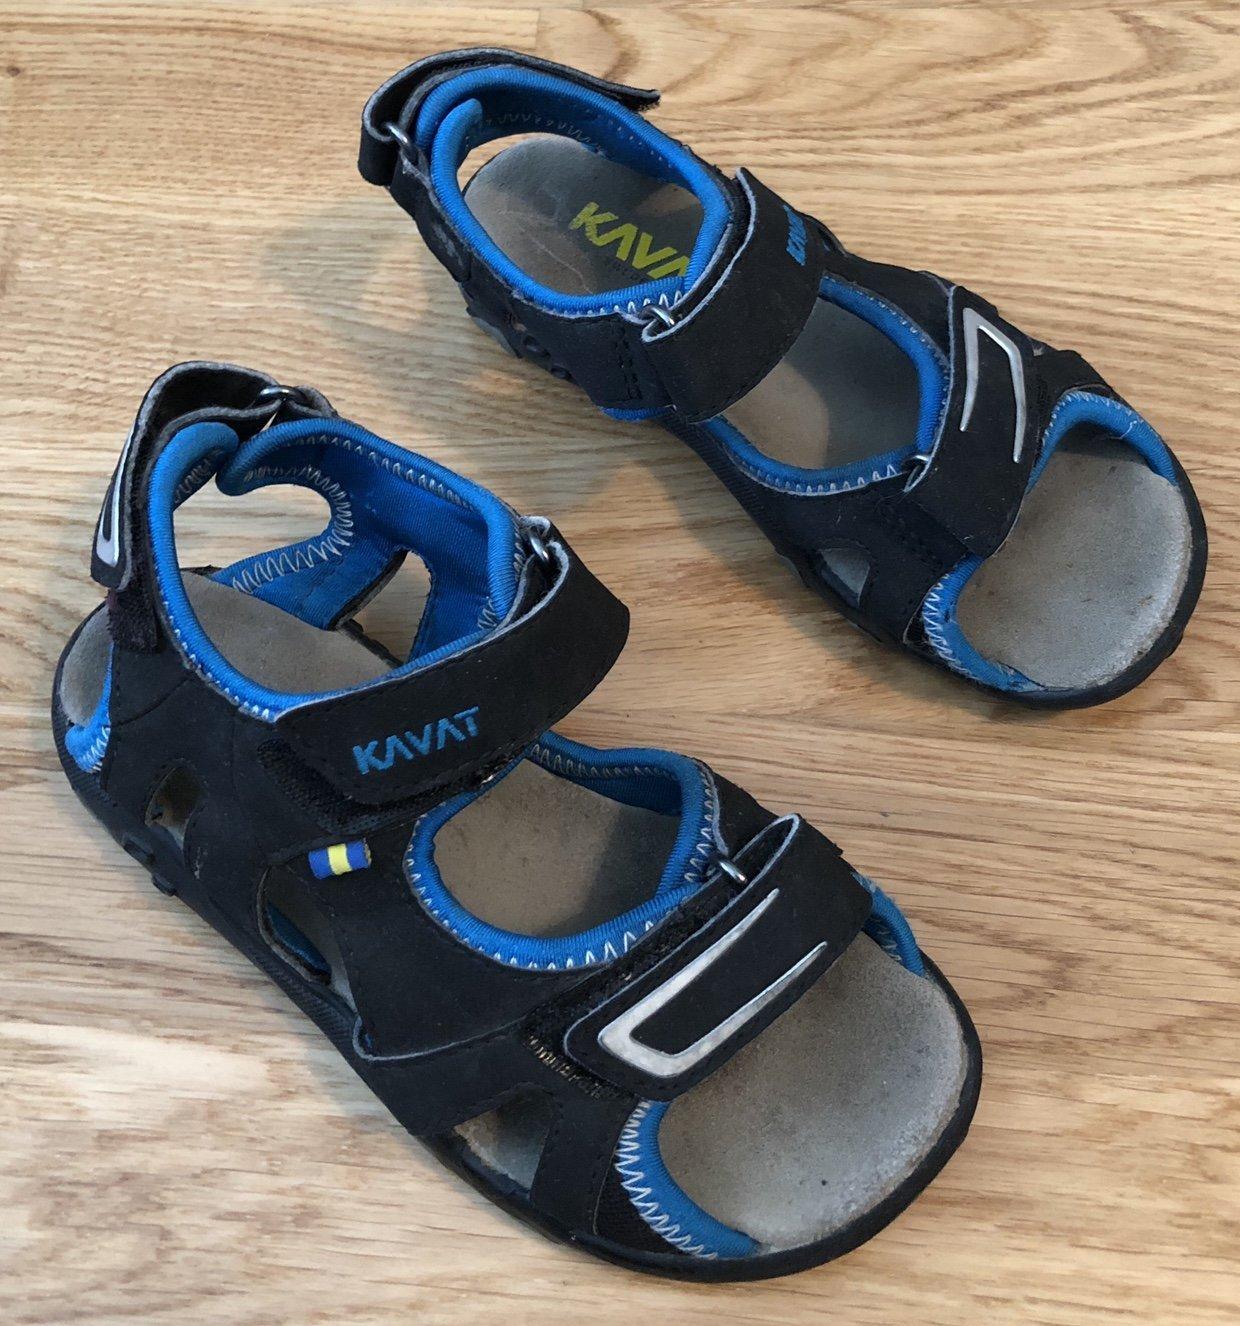 1f45038f26e Kavat Rio sandaler i strl 29, svart / blå.. (349322212) ᐈ EMIBOX på ...